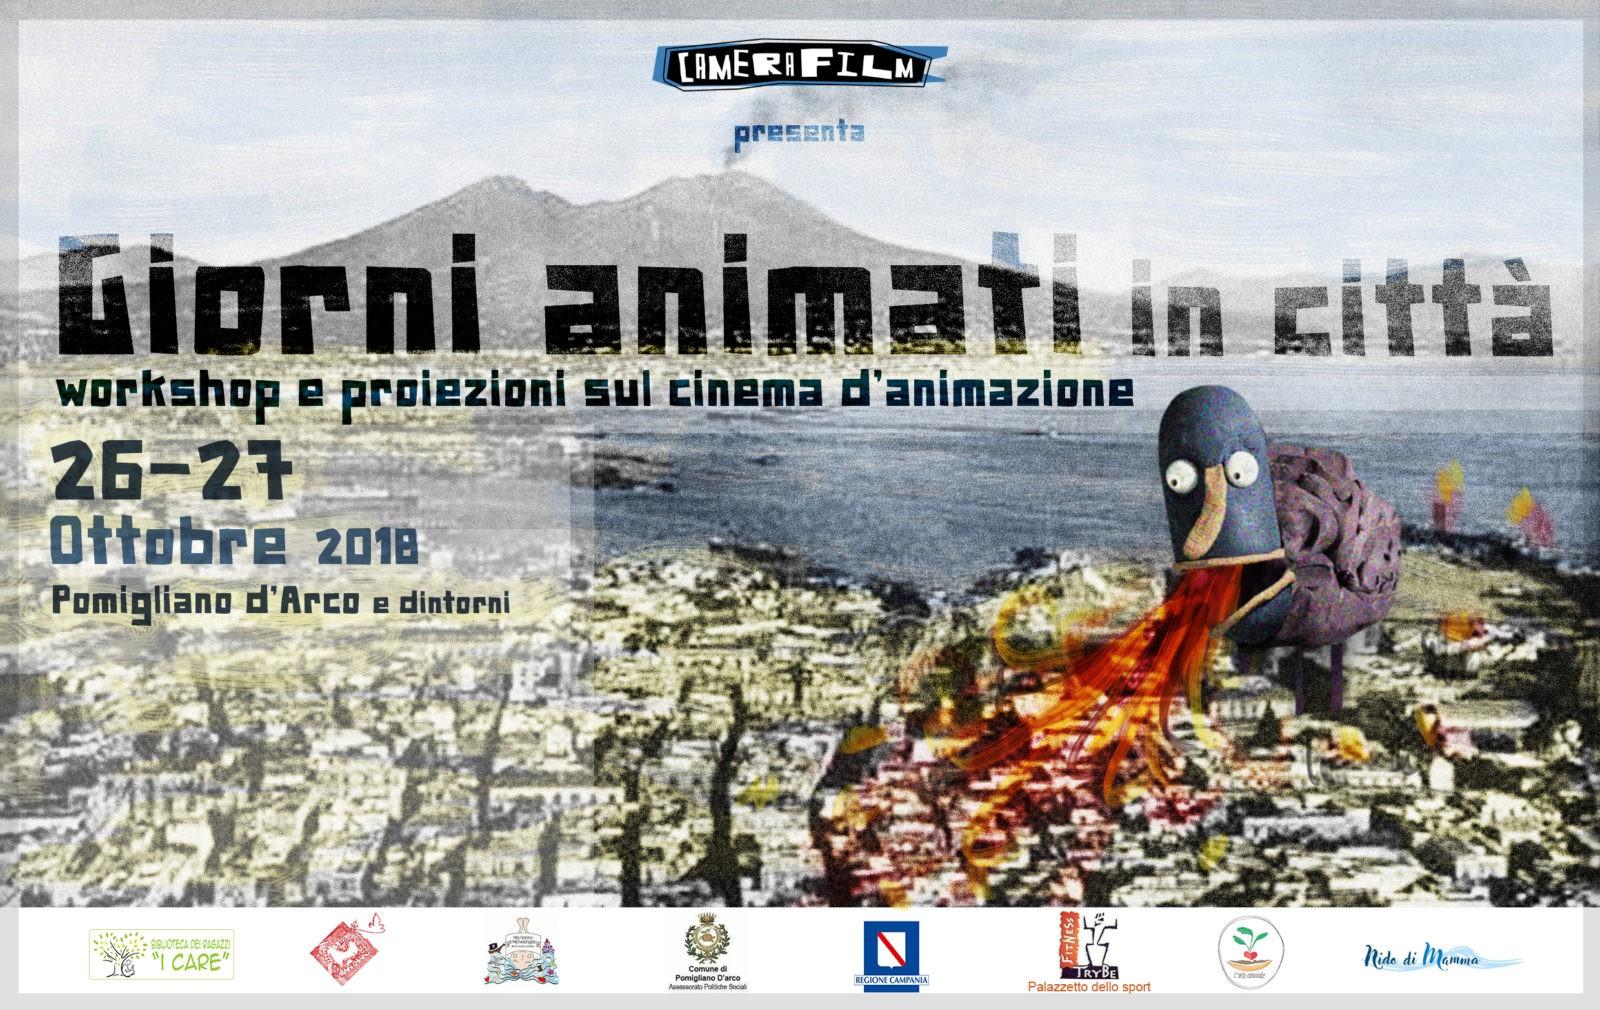 Giornata Internazionale del Cinema di Animazione – 28 ottobre 2018